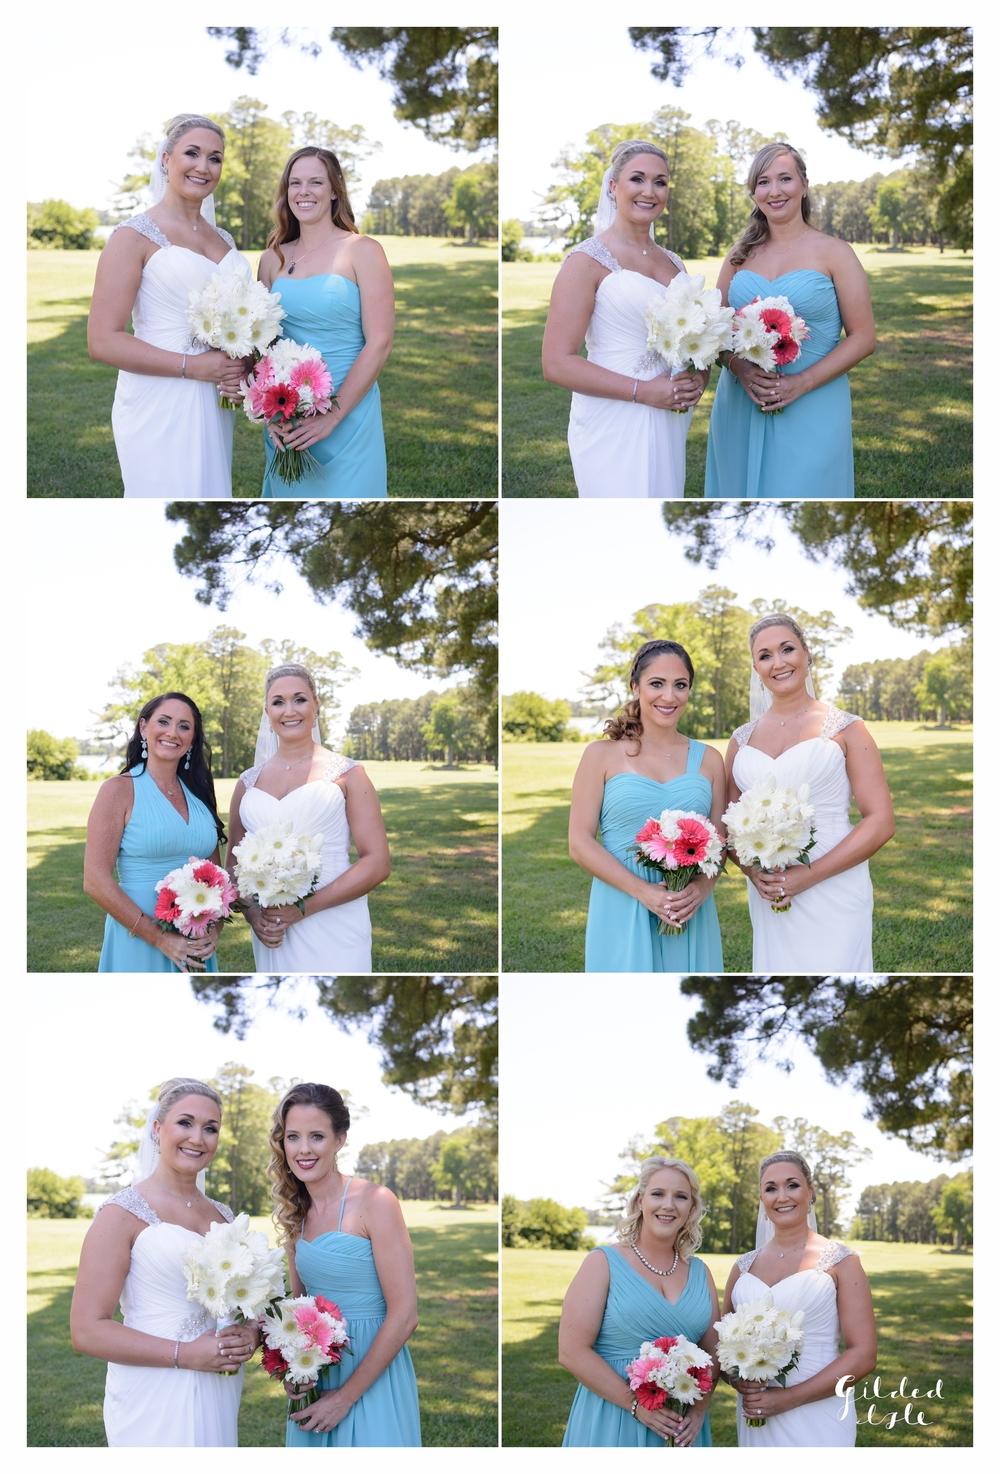 simpson wed blog collage 10.jpg